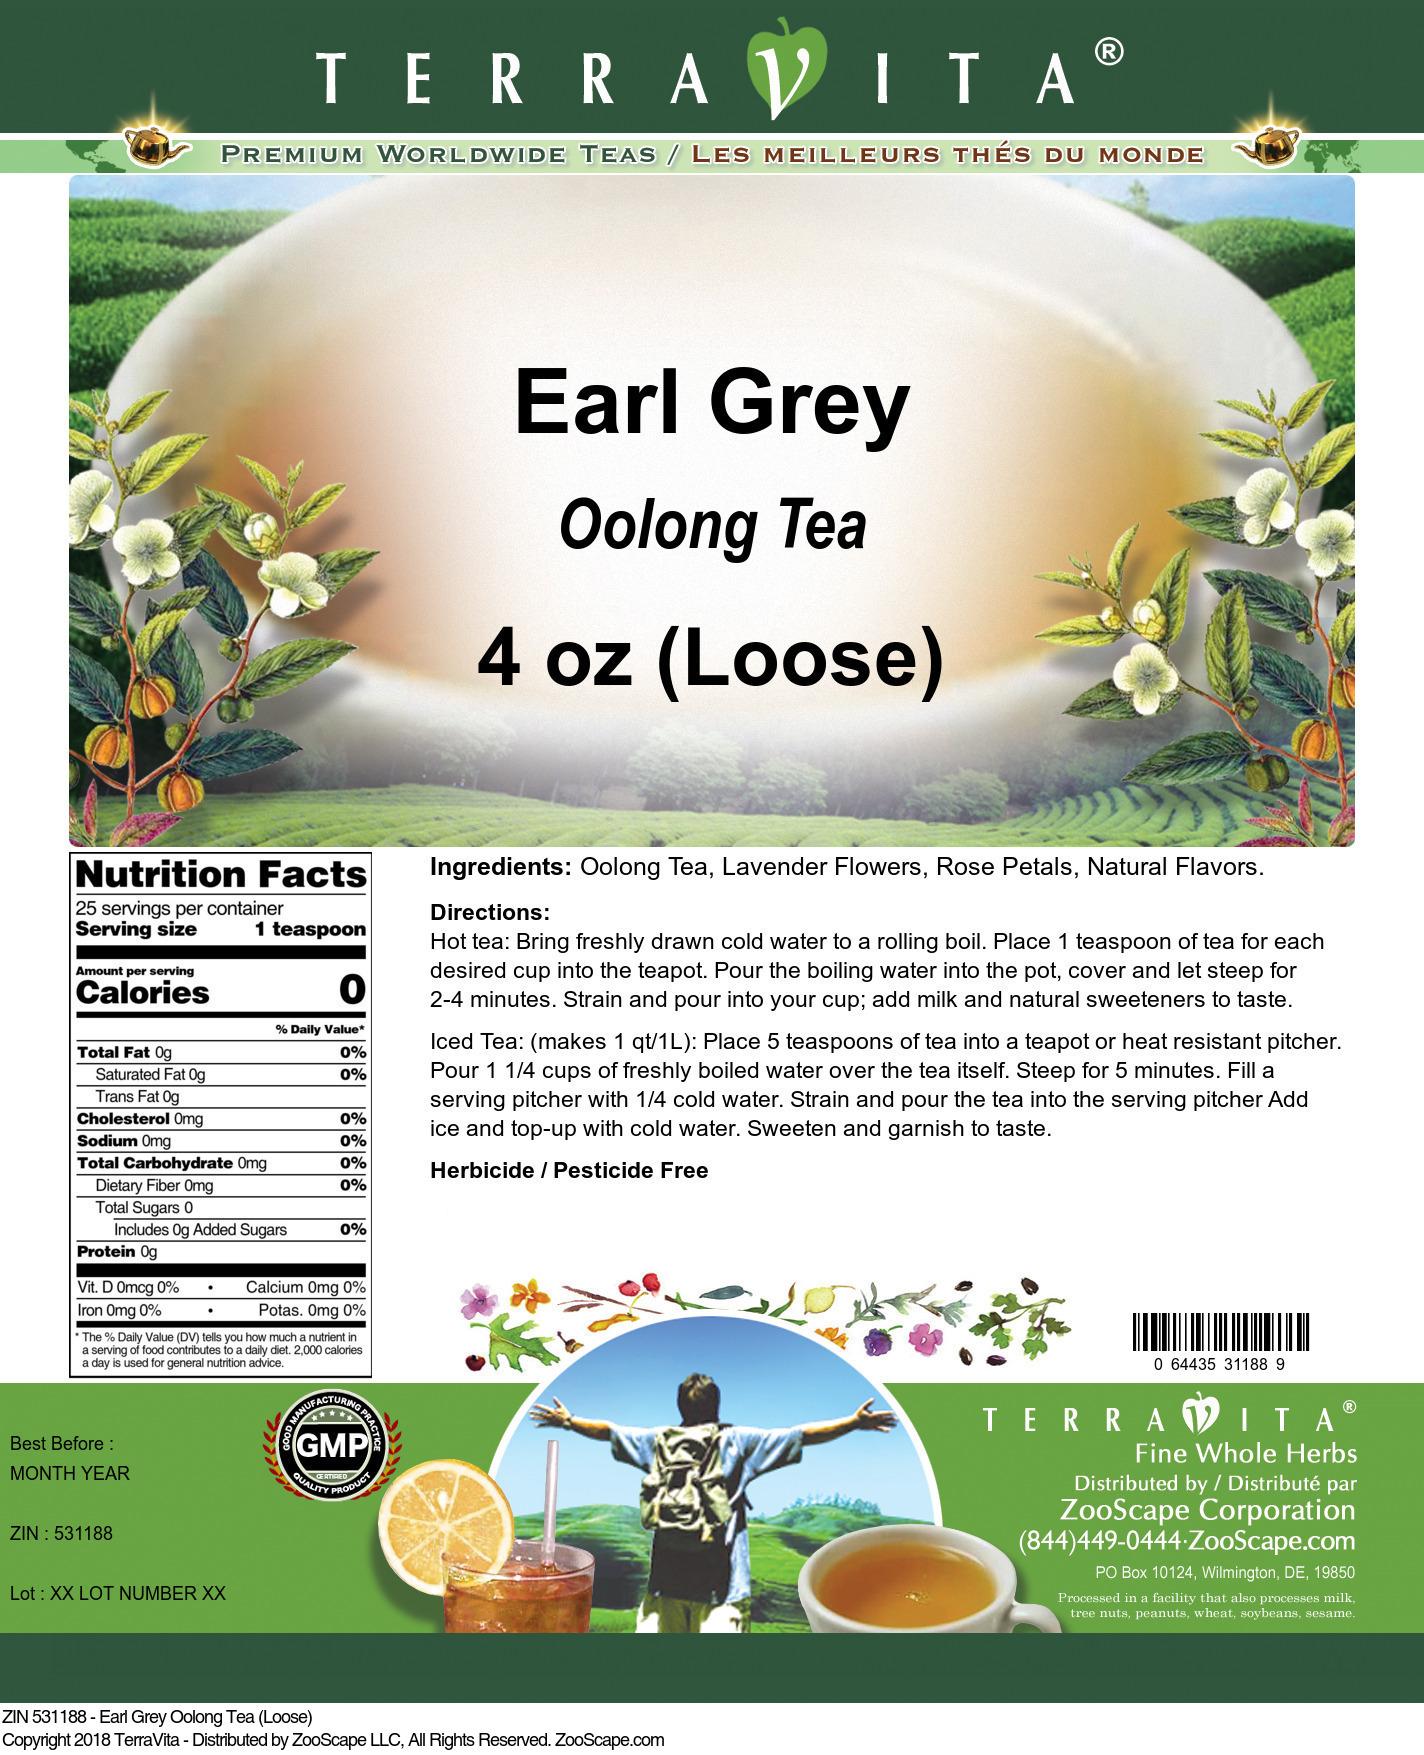 Earl Grey Oolong Tea (Loose)